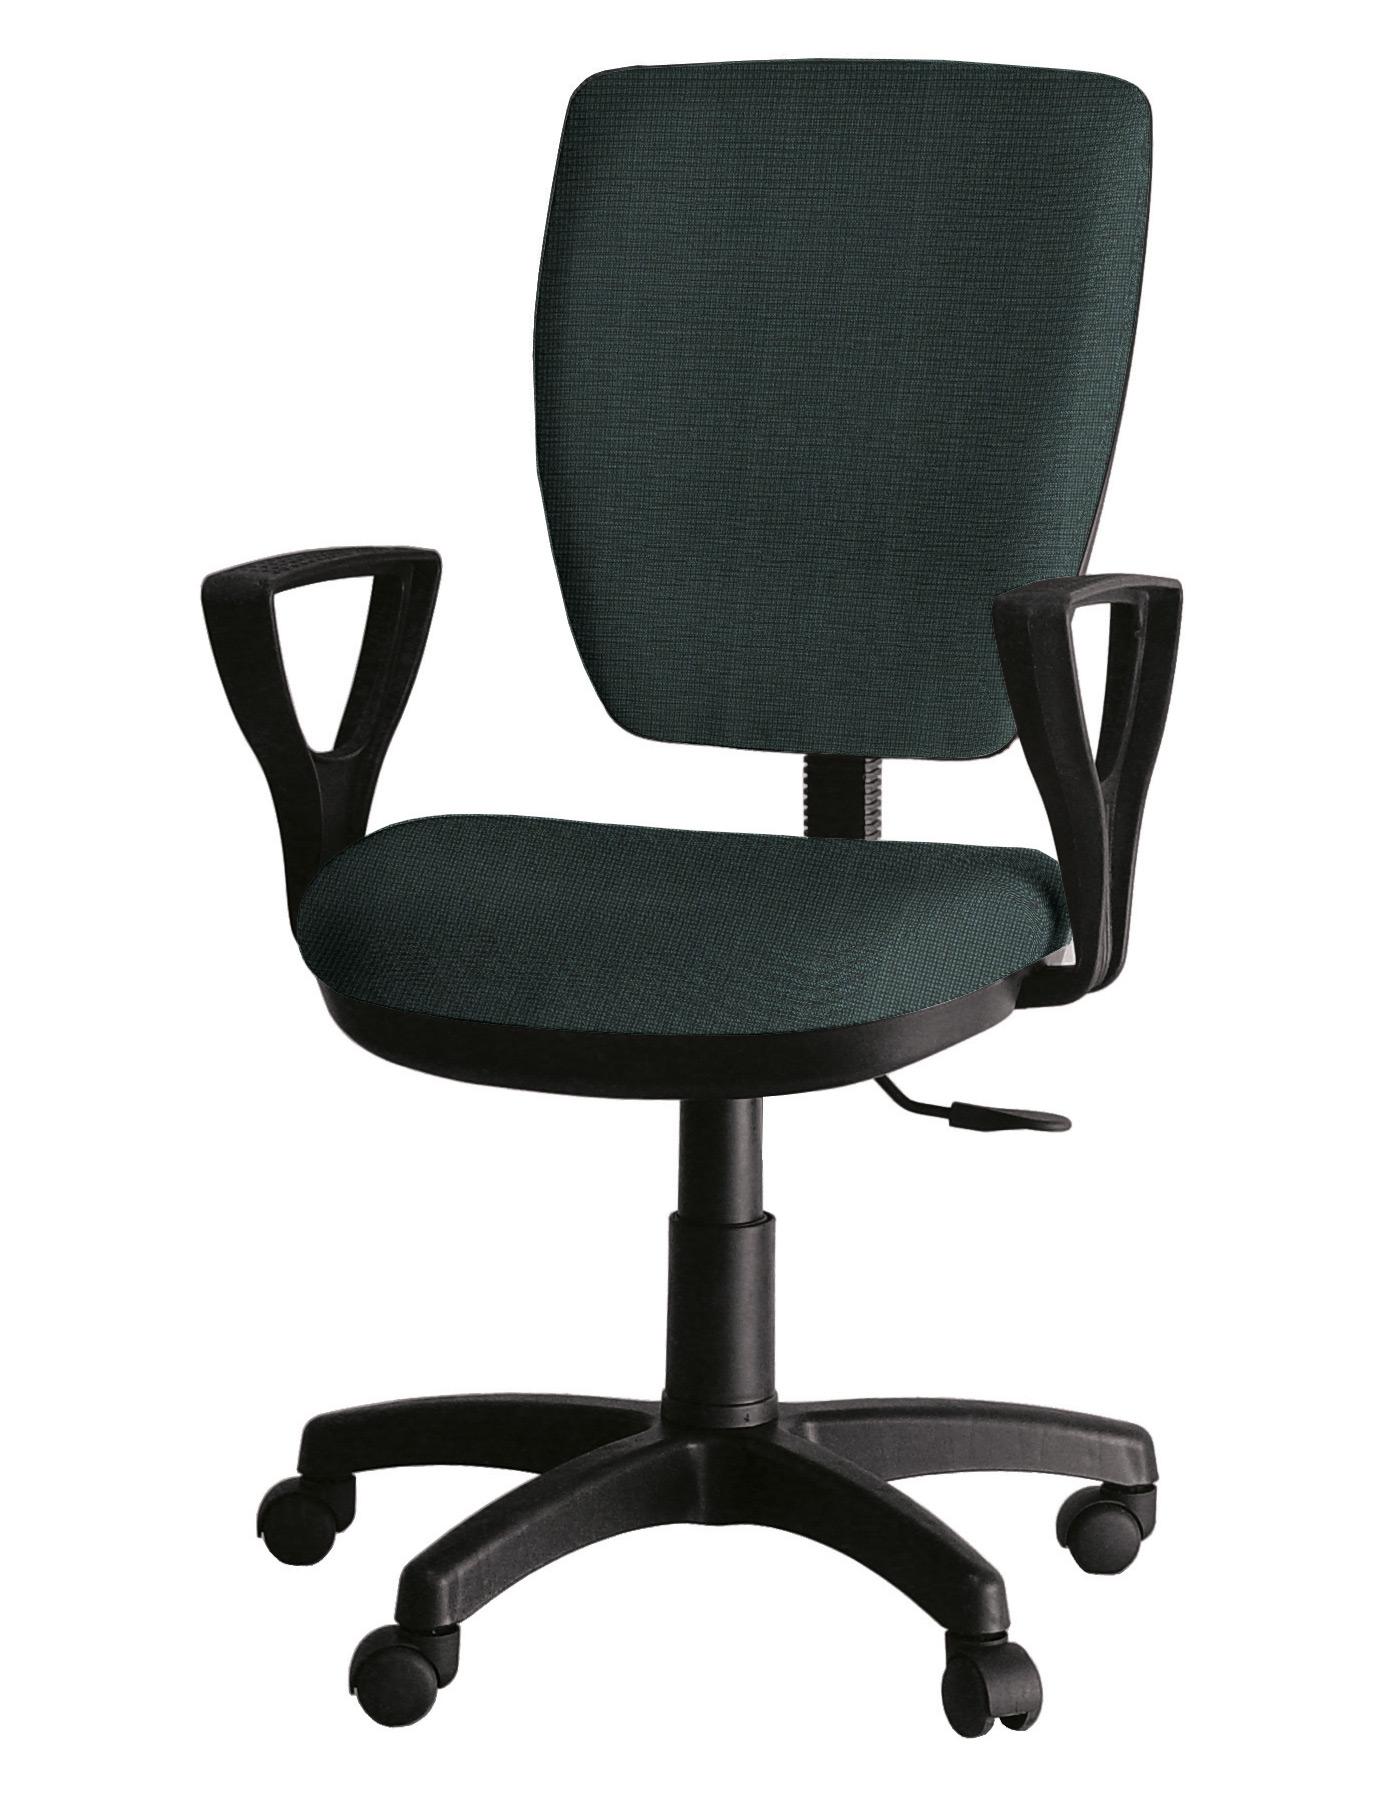 Компьютерное кресло Фактор Ультра, черный/зеленый